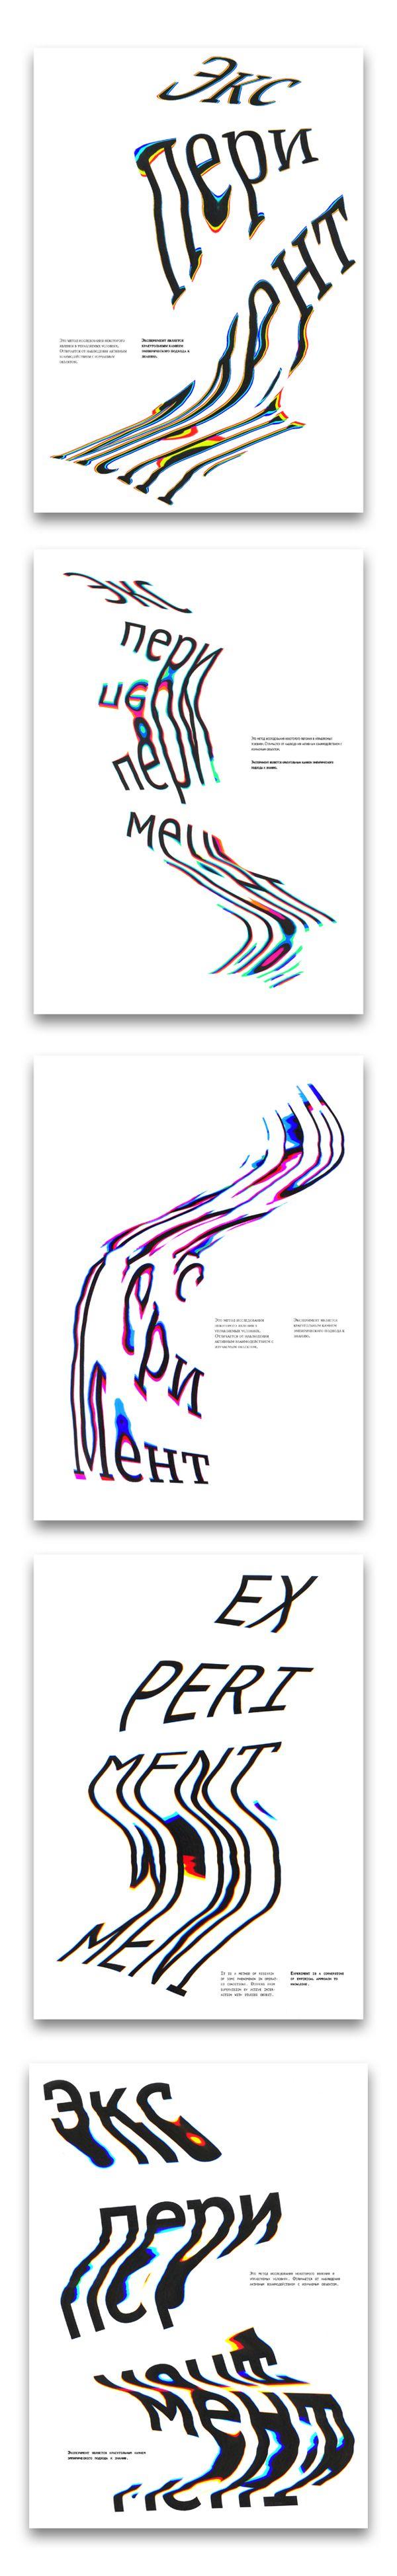 Experiment (projet de recherche typographique) par EVGENY TKHOREHEVSKY